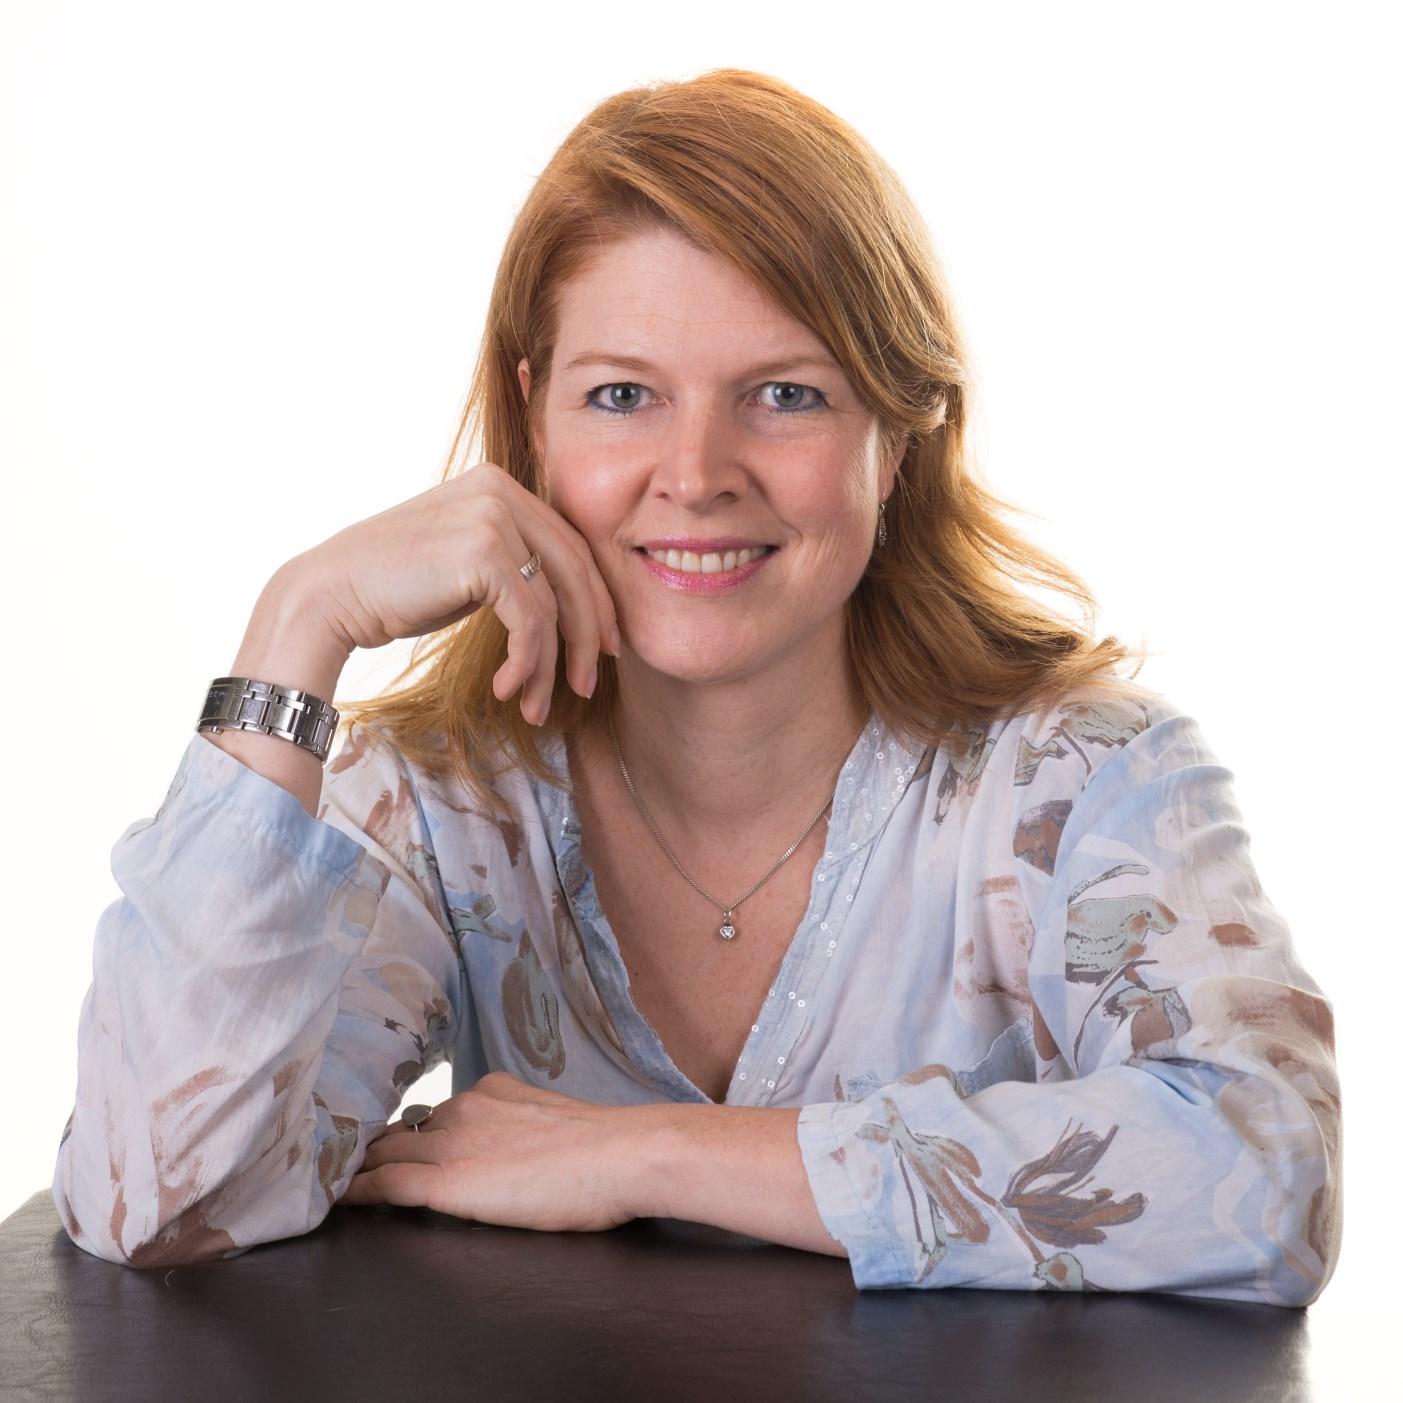 Sonja Elbers